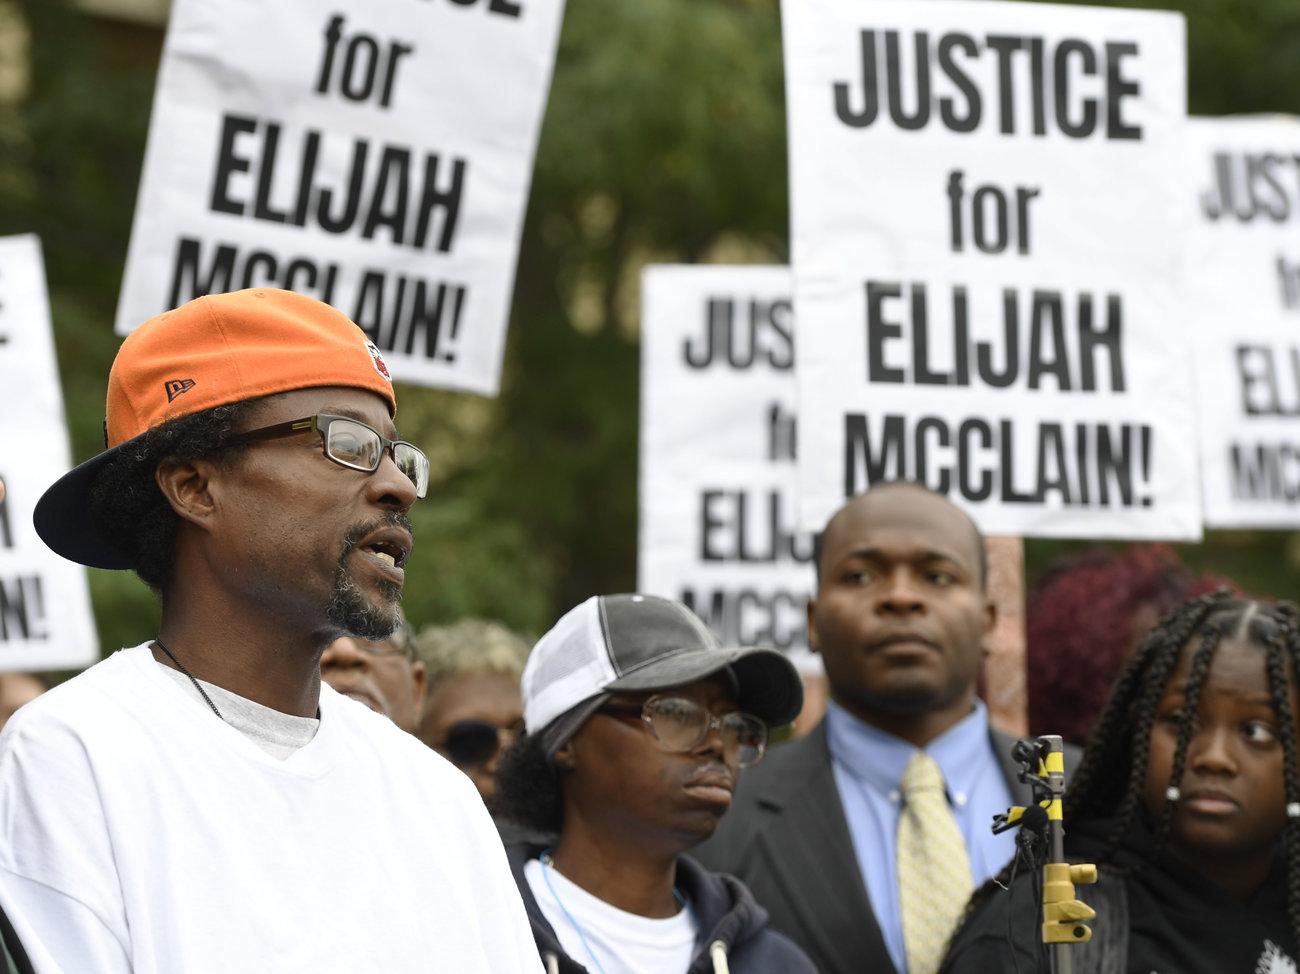 Elijah McClain